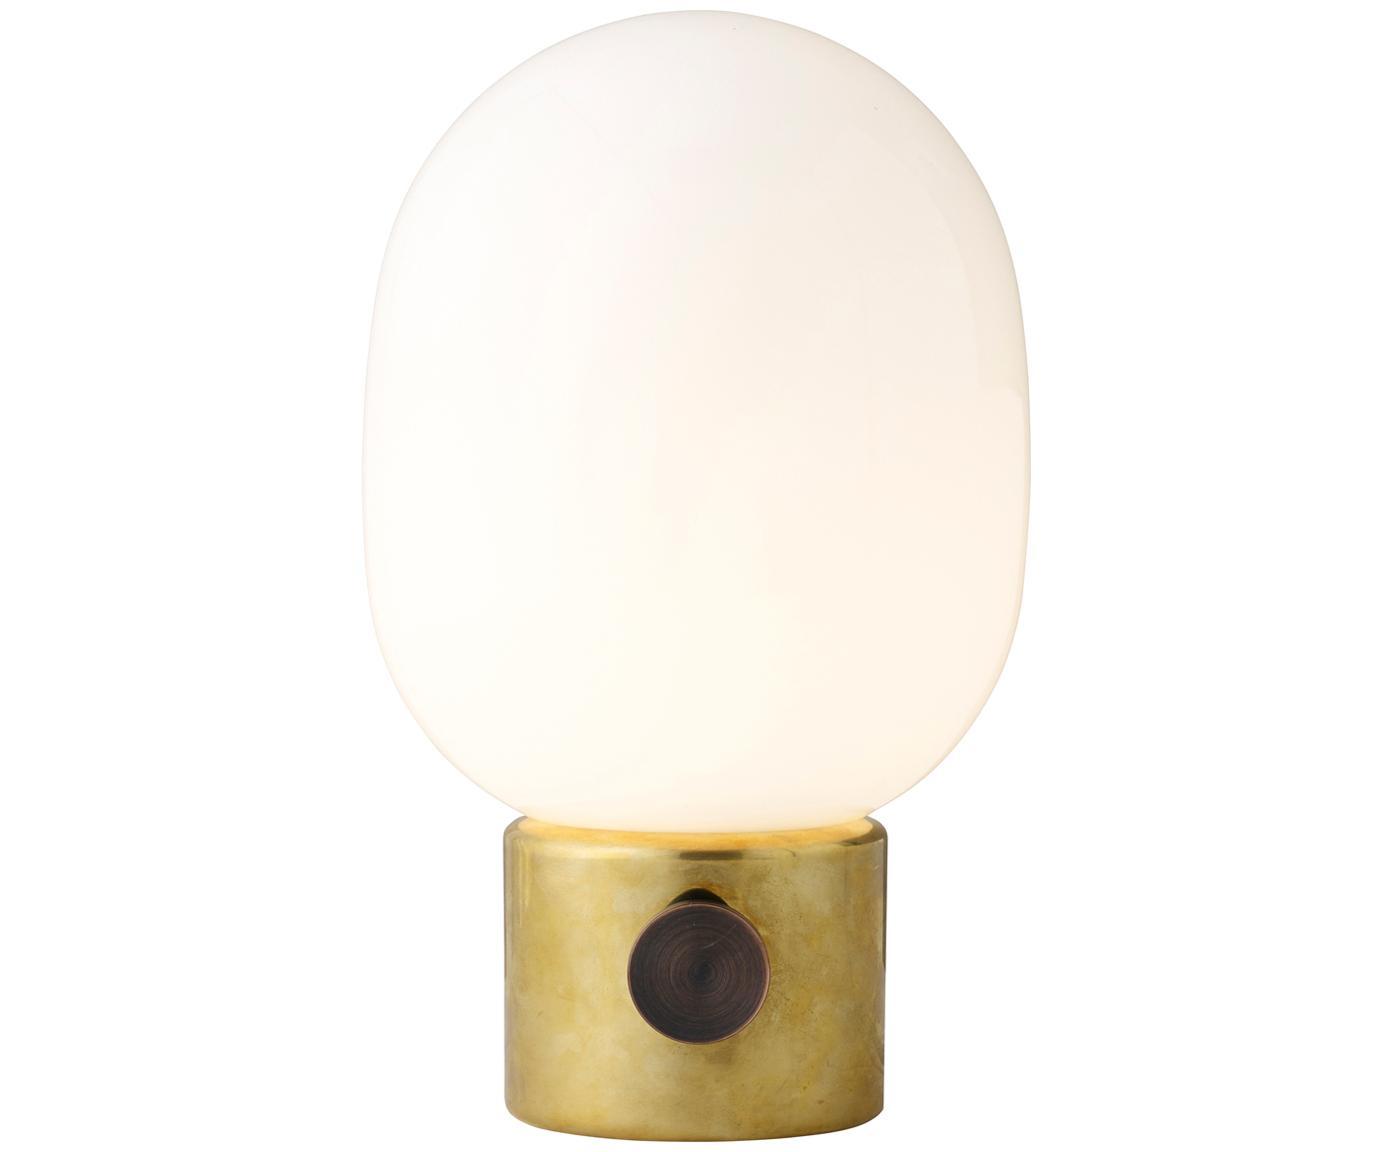 Kleine Tischlampe Mine mit Messingfuß, Lampenfuß: Messing, Stahl, poliert, Lampenschirm: Glas, Lampenfuß: Messing, Stahl, poliert<br>Lampenschirm: Weiß, Ø 17 x H 29 cm